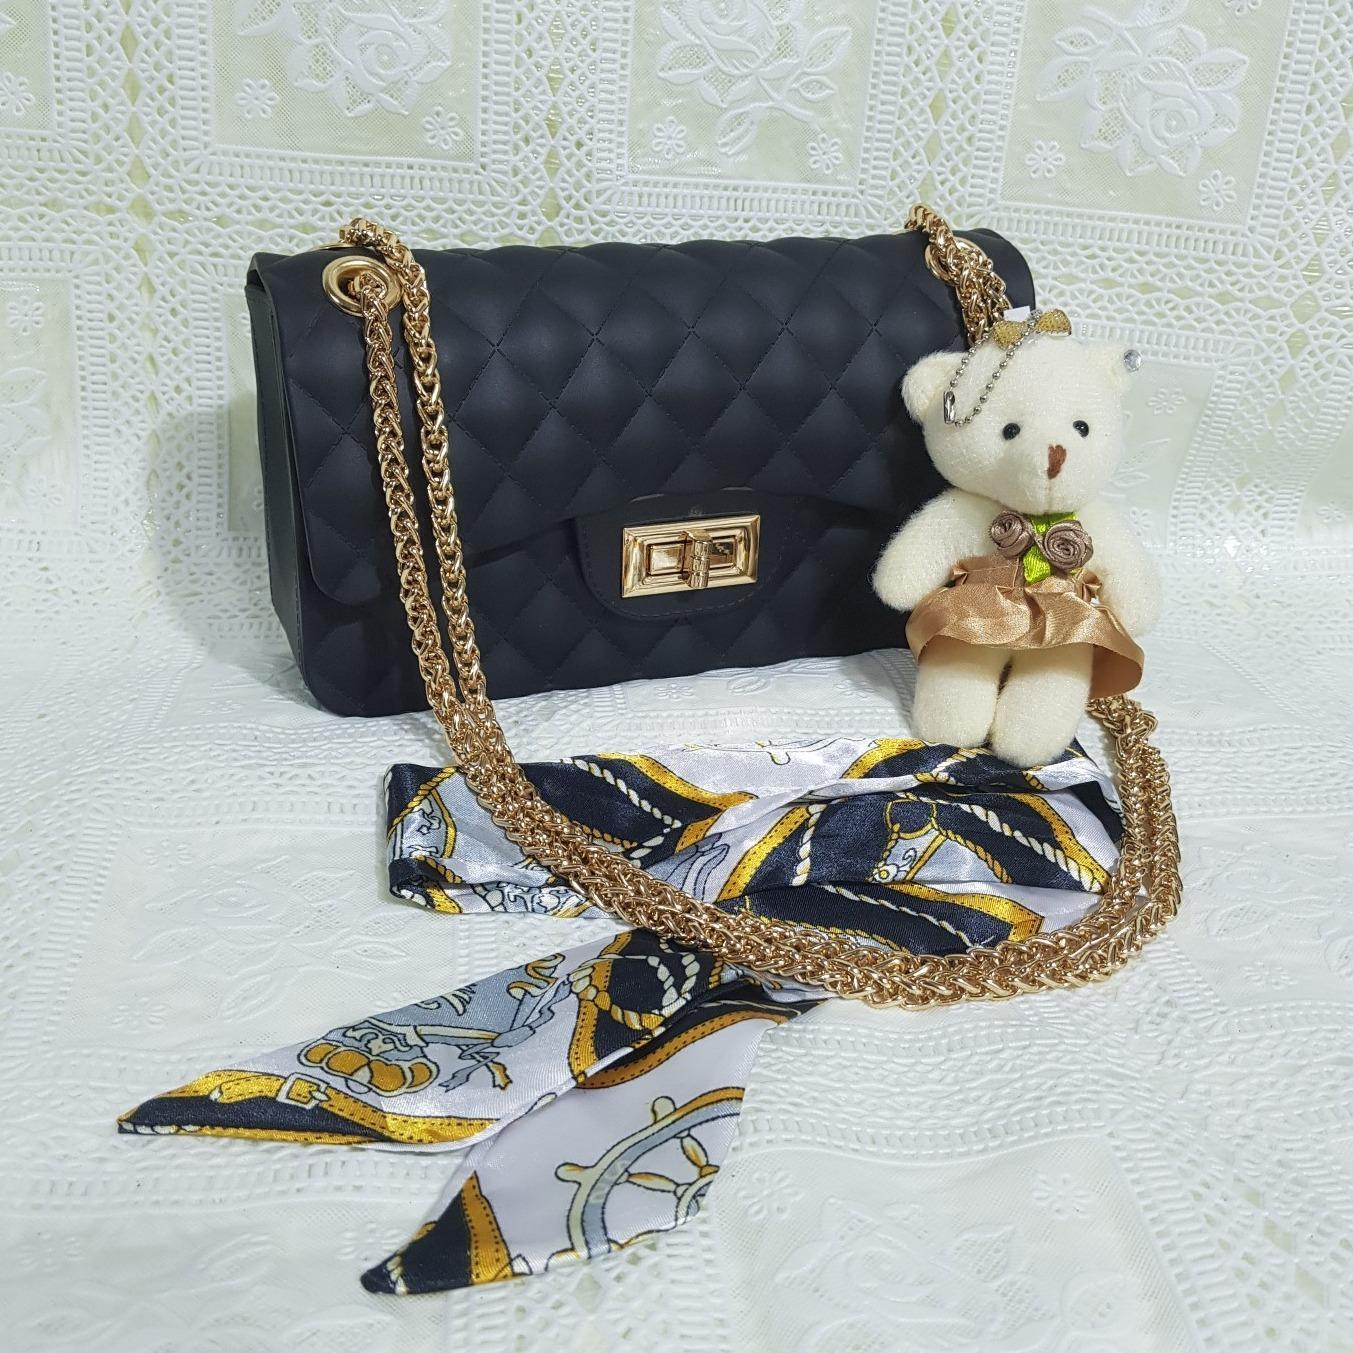 Jual Beli Online Tas Jelly Matte 22Cm Jely Clasik Bag Free Syal Boneka Jeli Garis Kotak Bisa Bayar Di Tempat